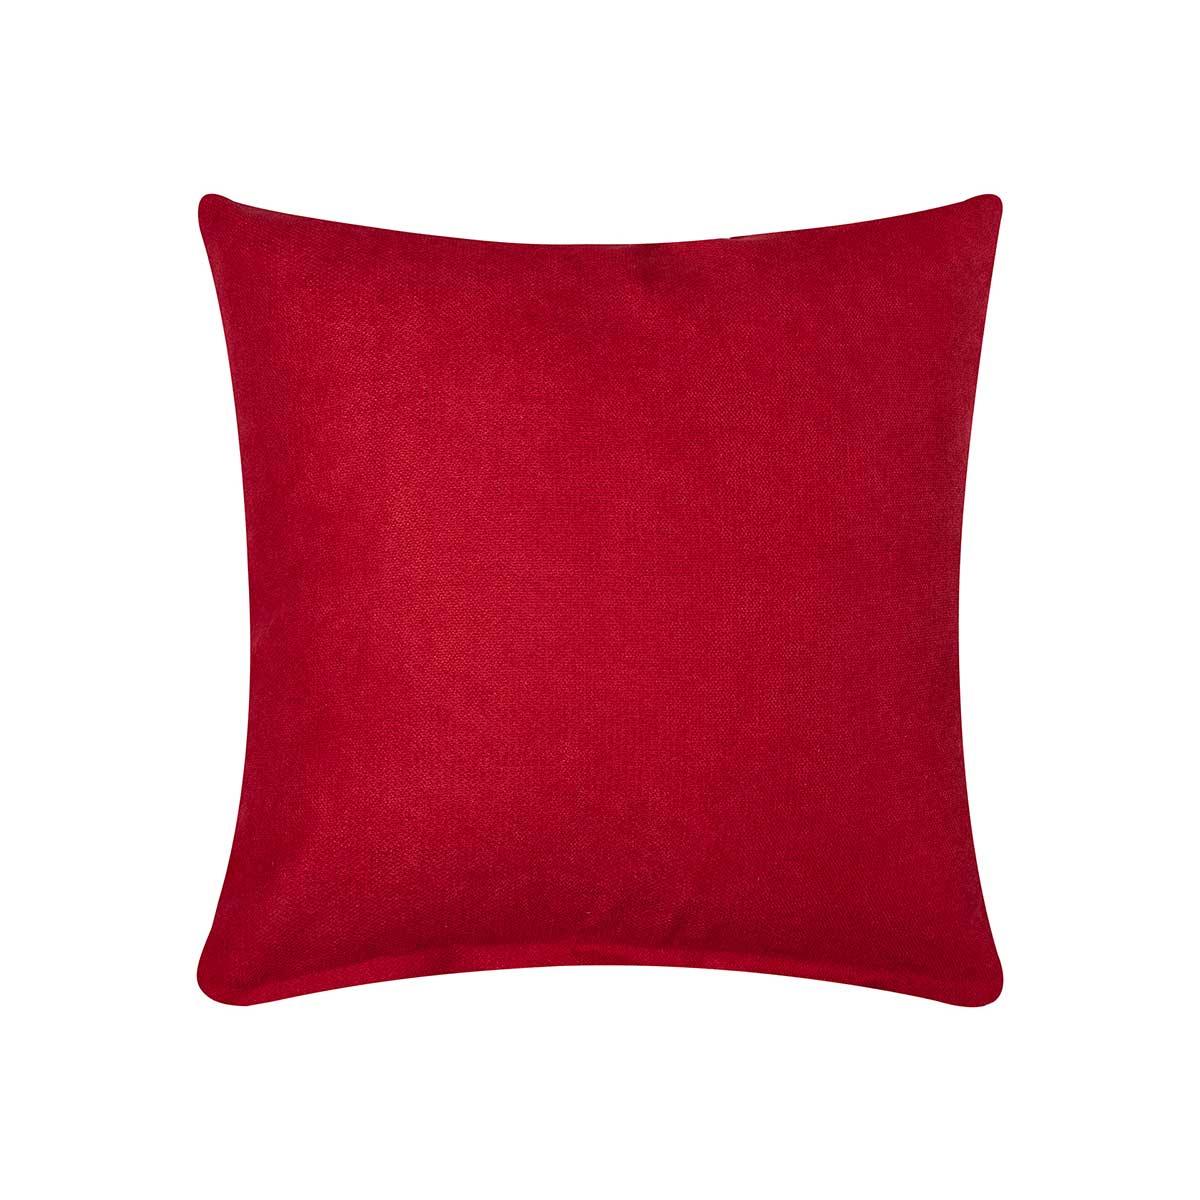 Διακοσμητική Μαξιλαροθήκη (45x45) Silk Fashion A802 Κόκκινο